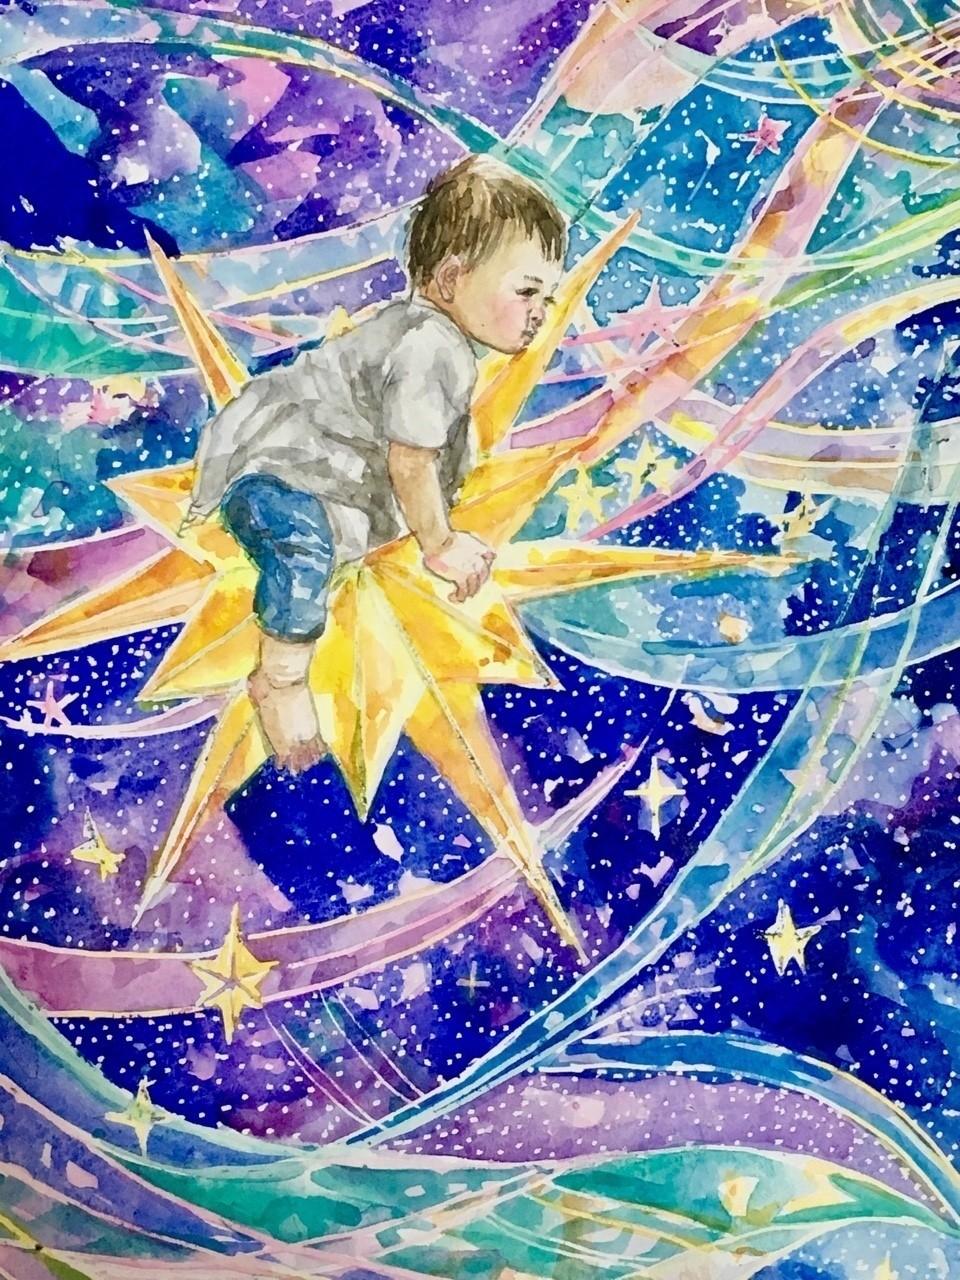 #宇宙の日  子供って宇宙飛行士にもなれる可能性が十分にあるんだなぁと思うと本当にすごい。  #育児絵日記 #illustration #drawing  #透明水彩 #水彩画  #Watercolor #スケッチ #sketch  #一日一絵